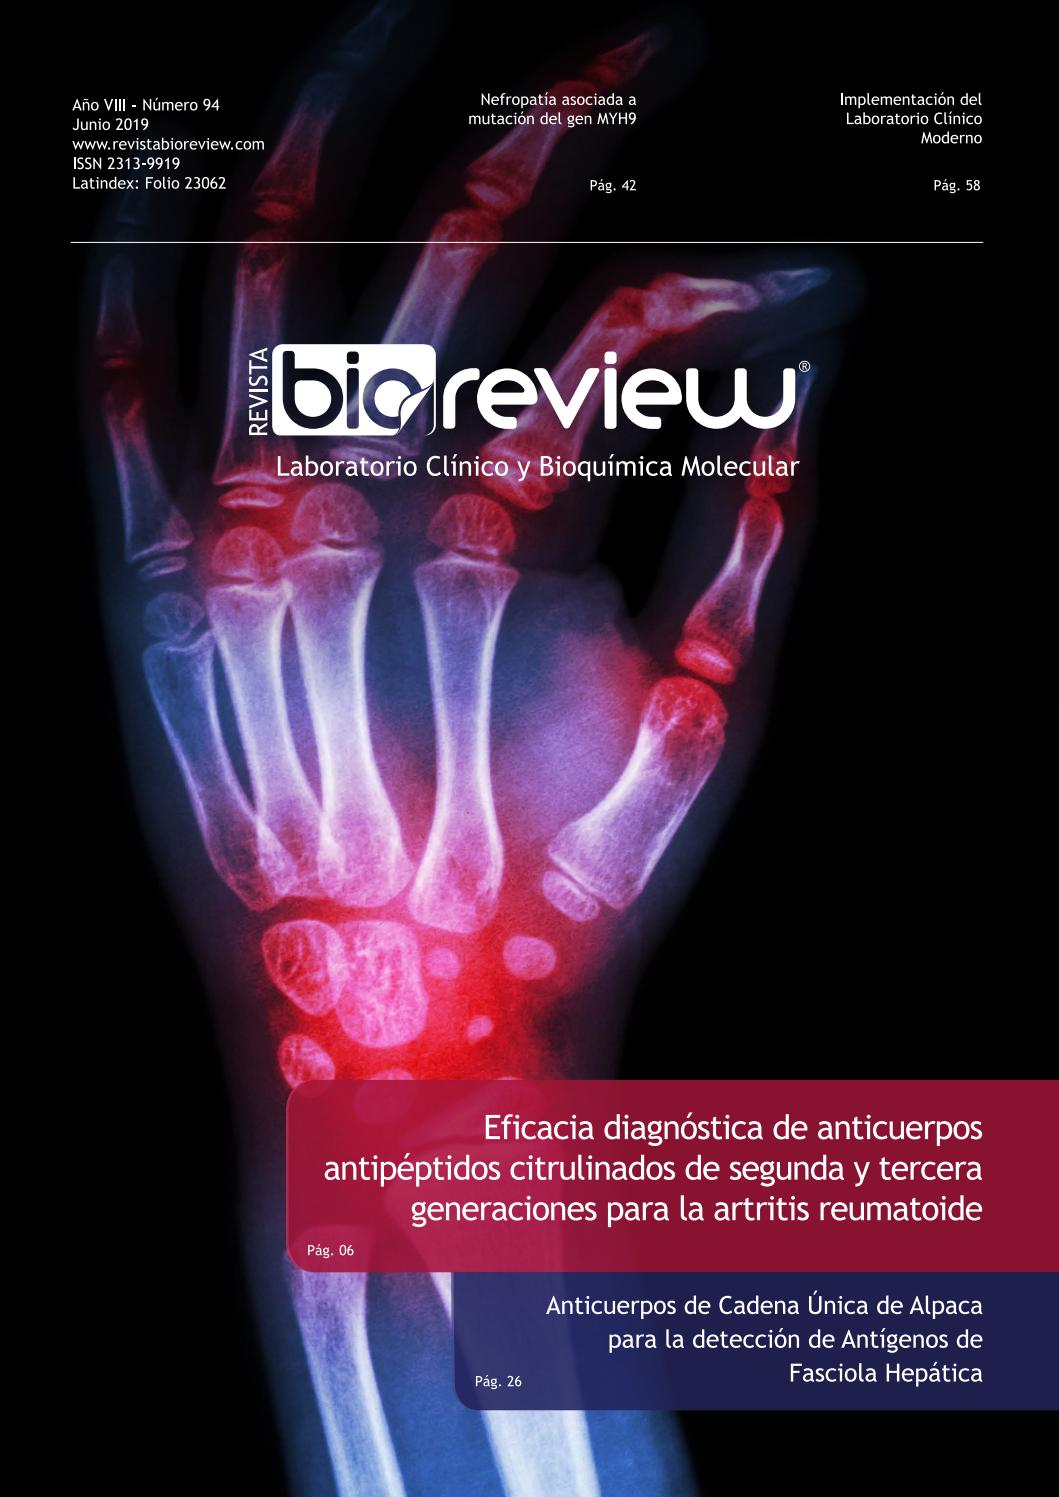 Fascioliasis epidemiología de la hipertensión